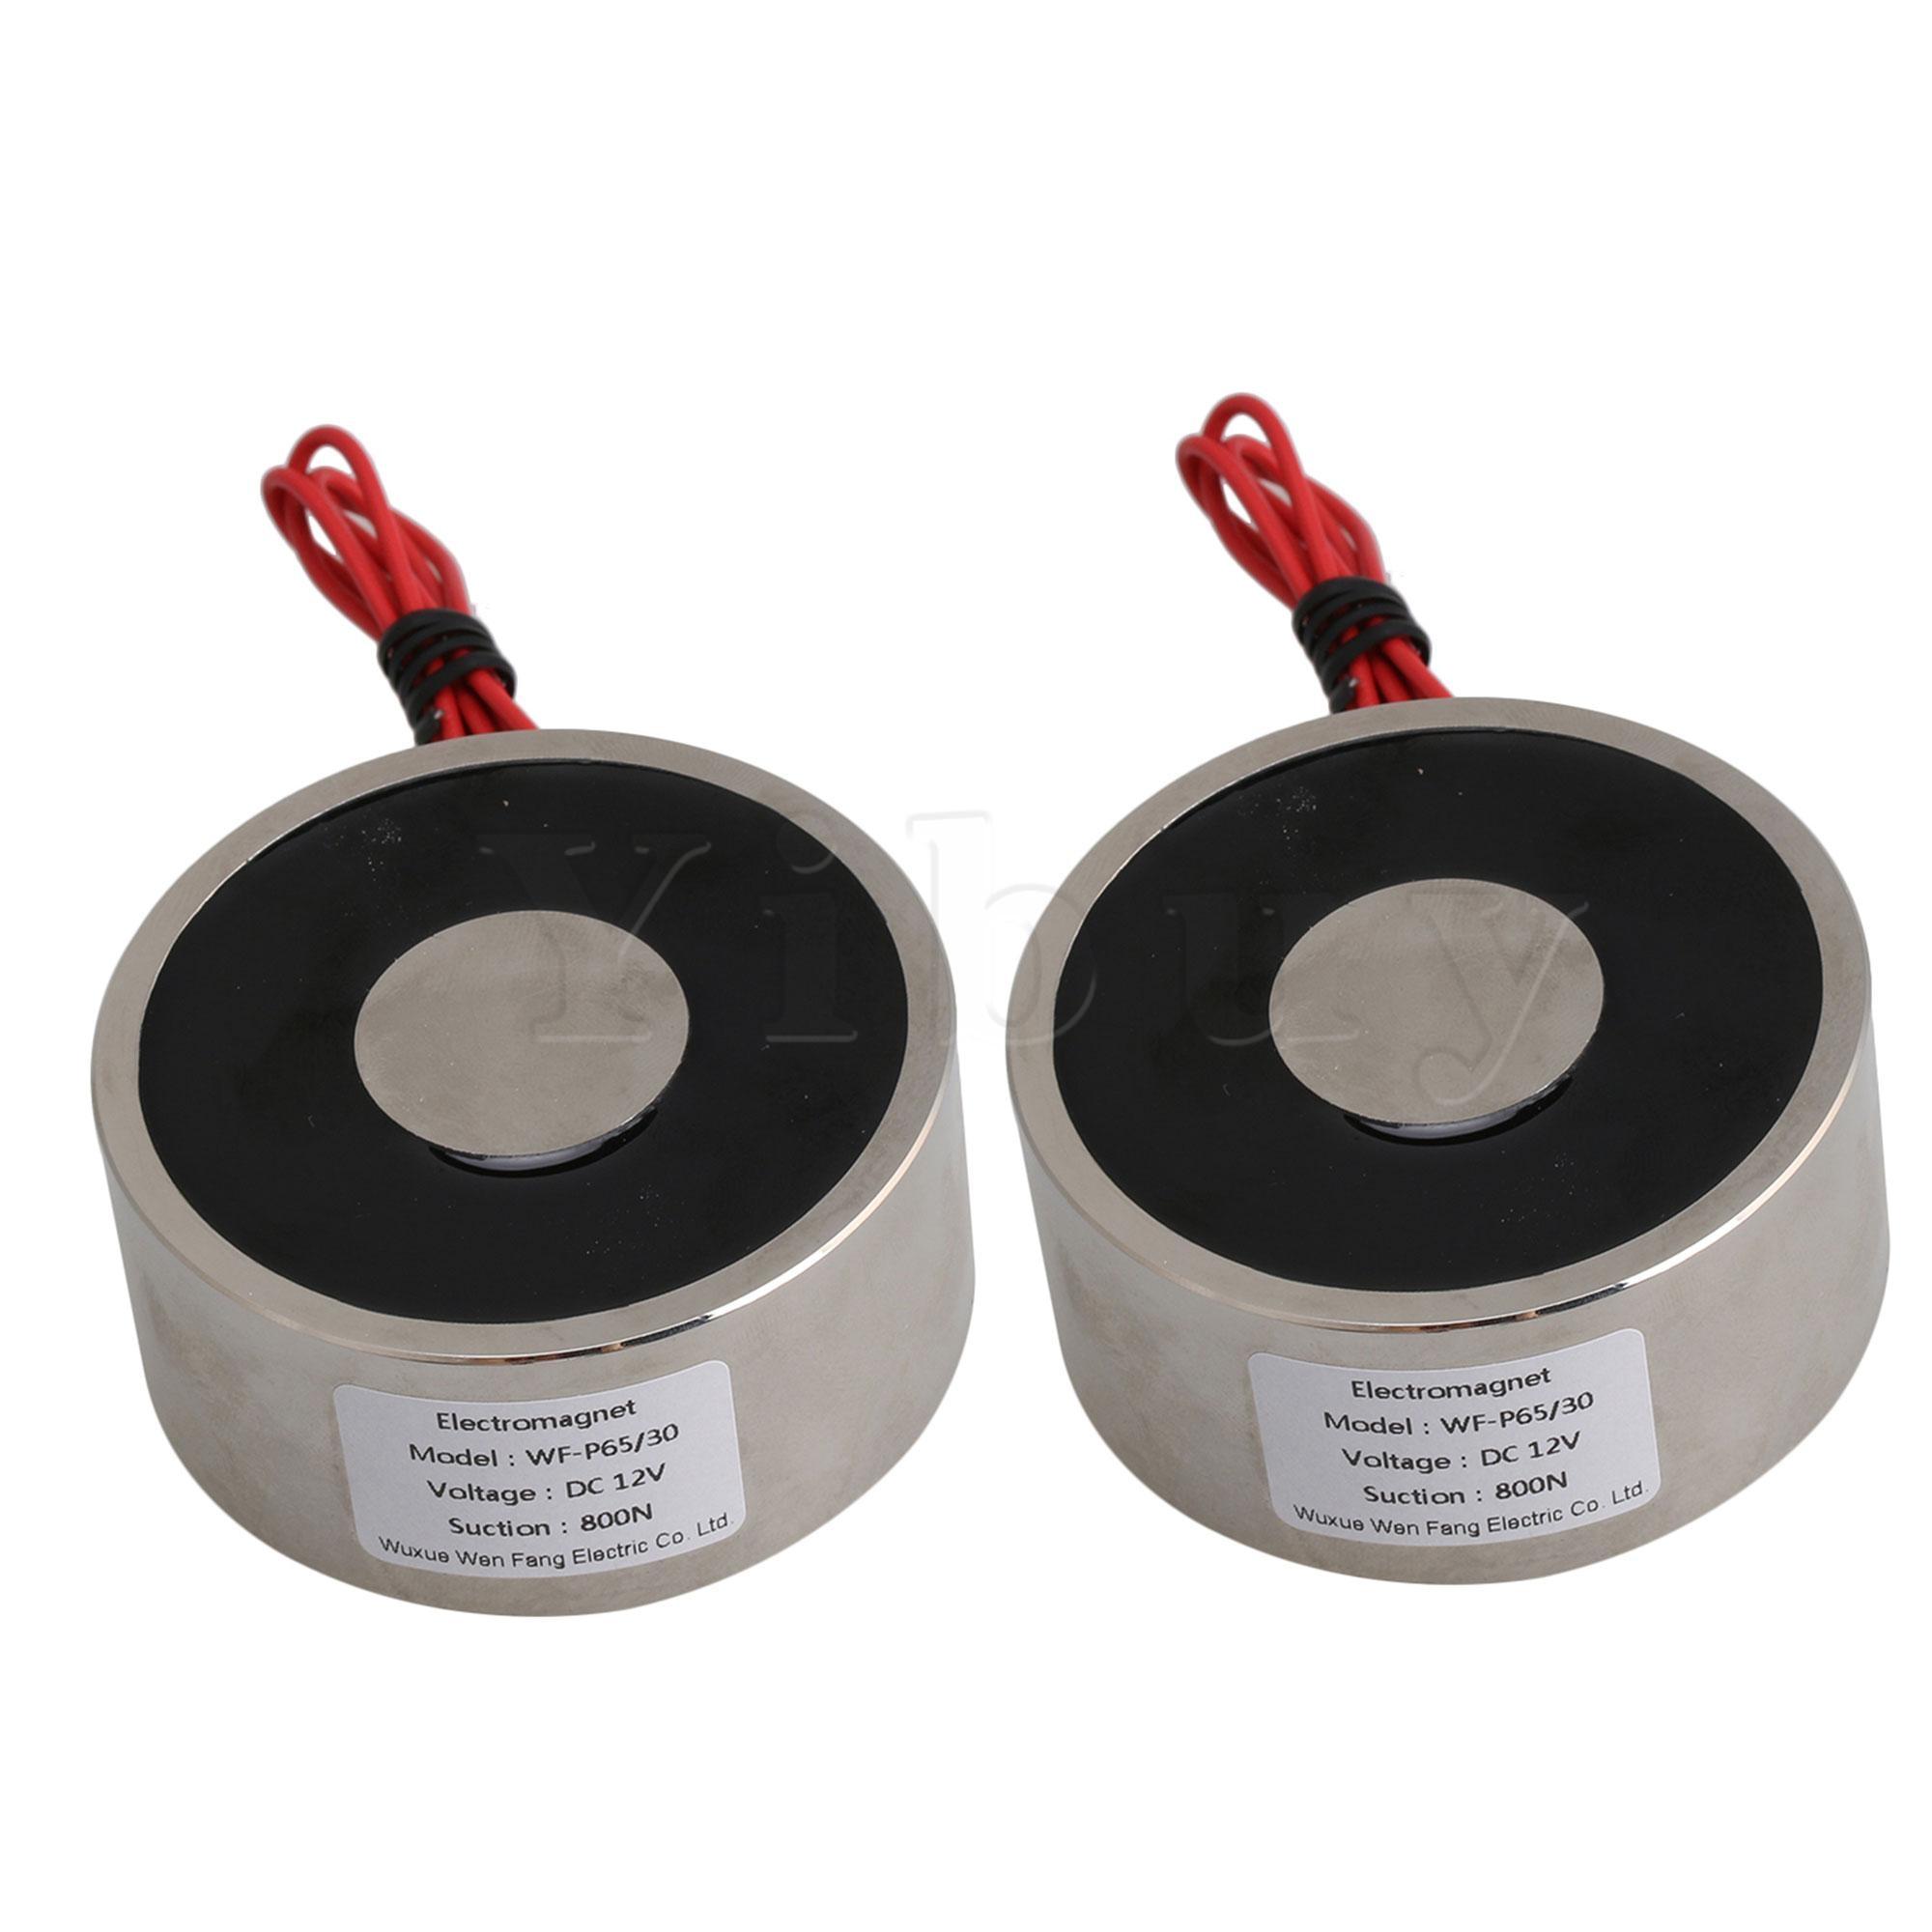 2 قطعة DC12V عقد المغناطيس الكهربائي 80 كجم الملحقات الكهربائية